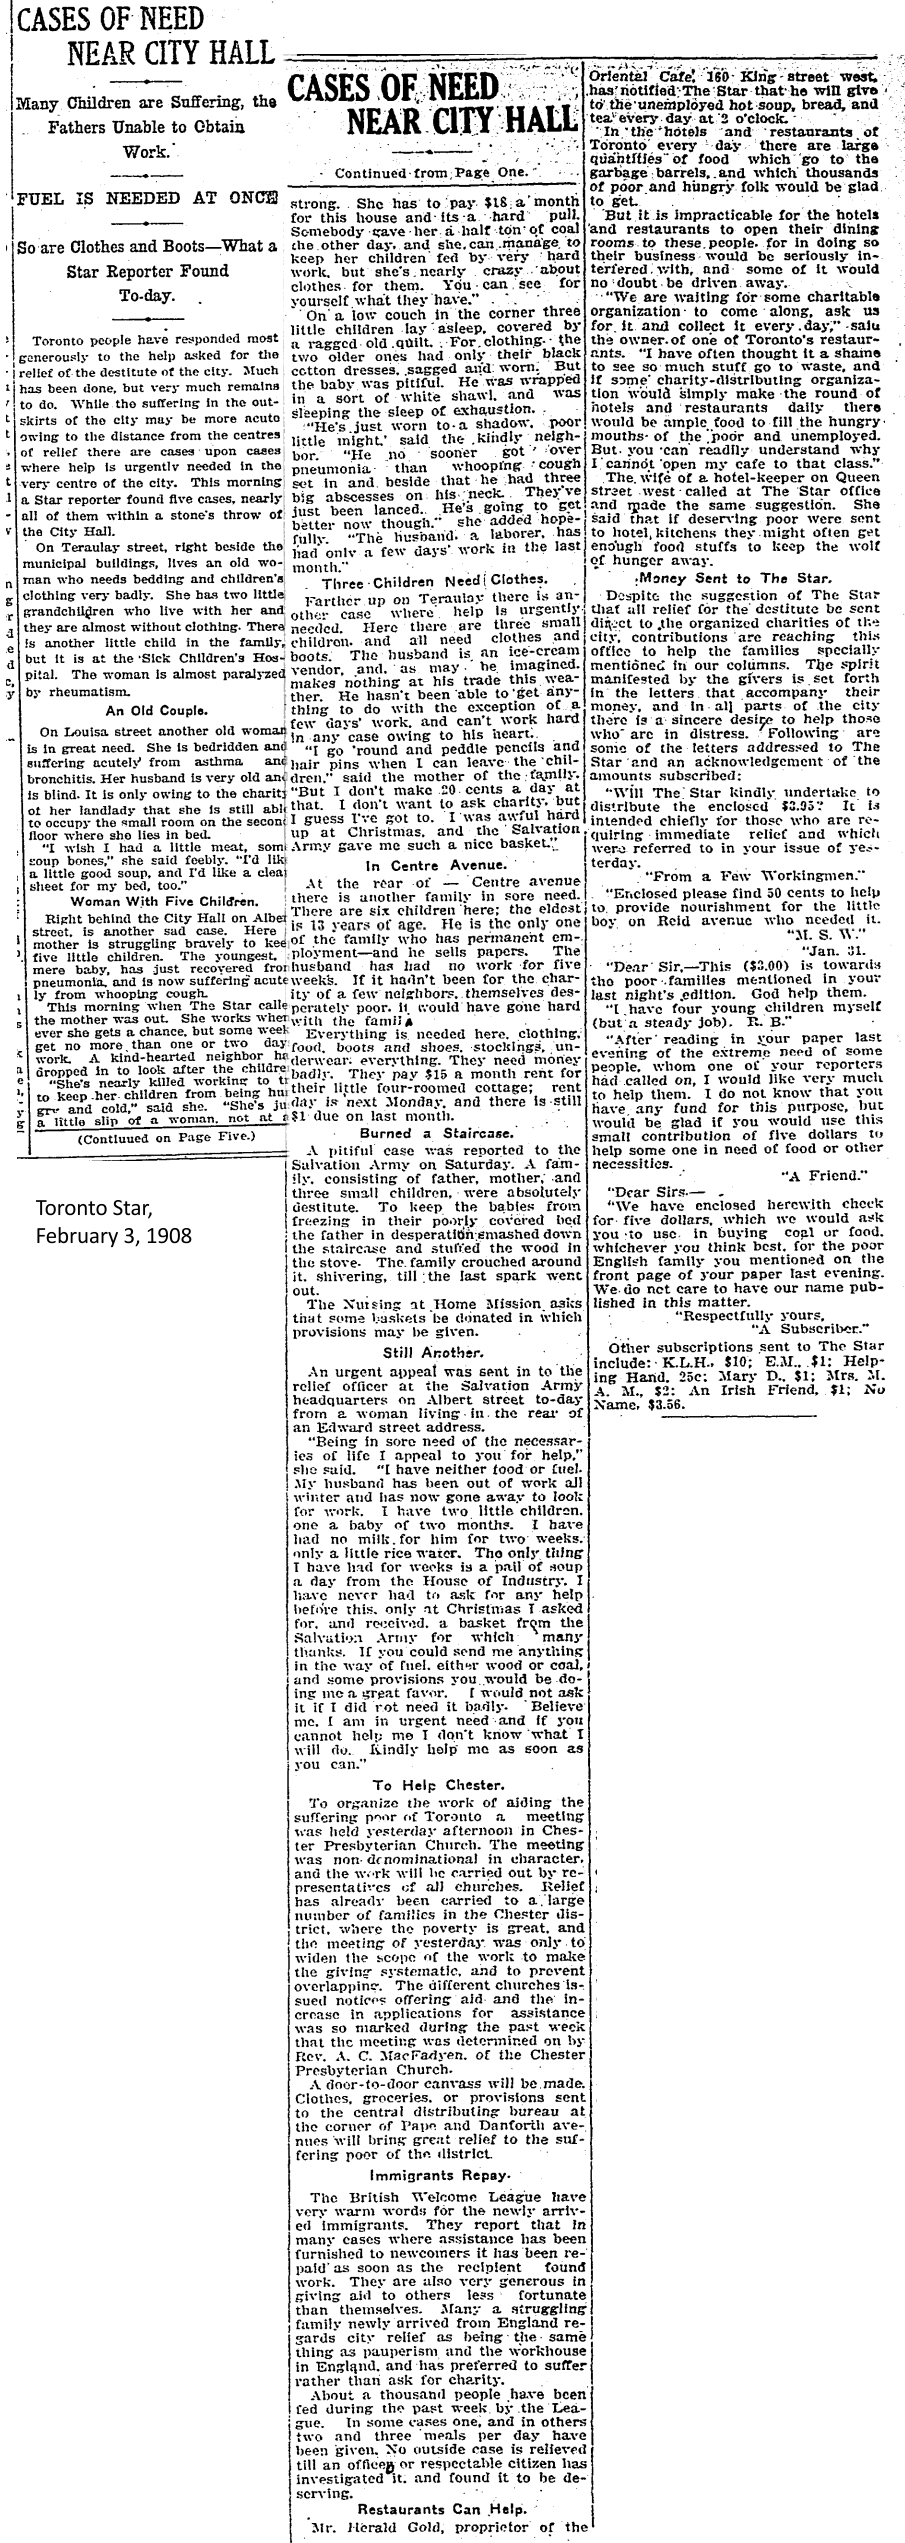 19080203-ts-cases-of-need-near-city-hall